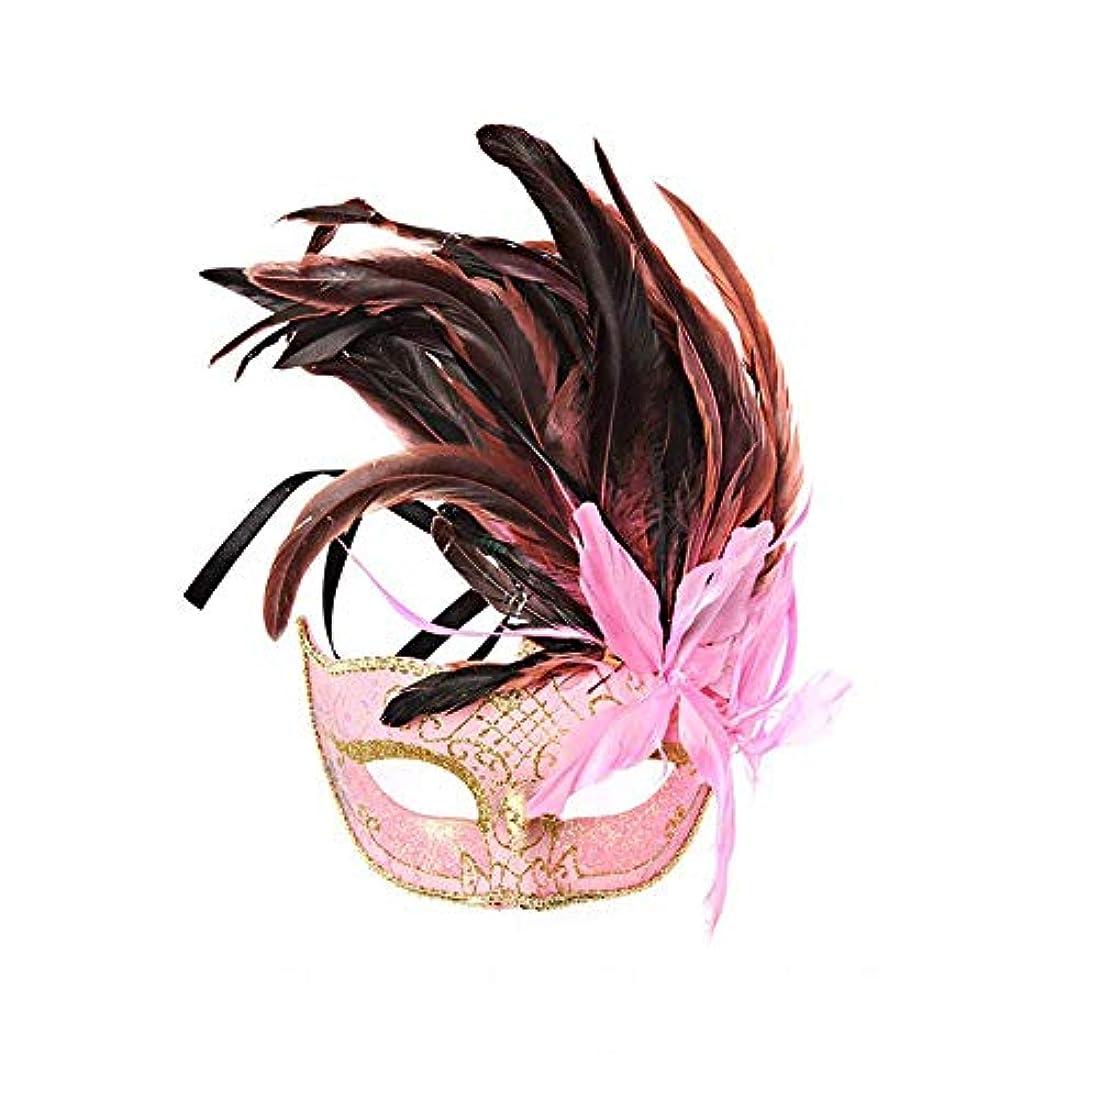 しみ疑い者単なるNanle ハロウィンマスクハーフフェザーマスクベニスプリンセスマスク美容レース仮面ライダーコスプレ (色 : Style A pink)